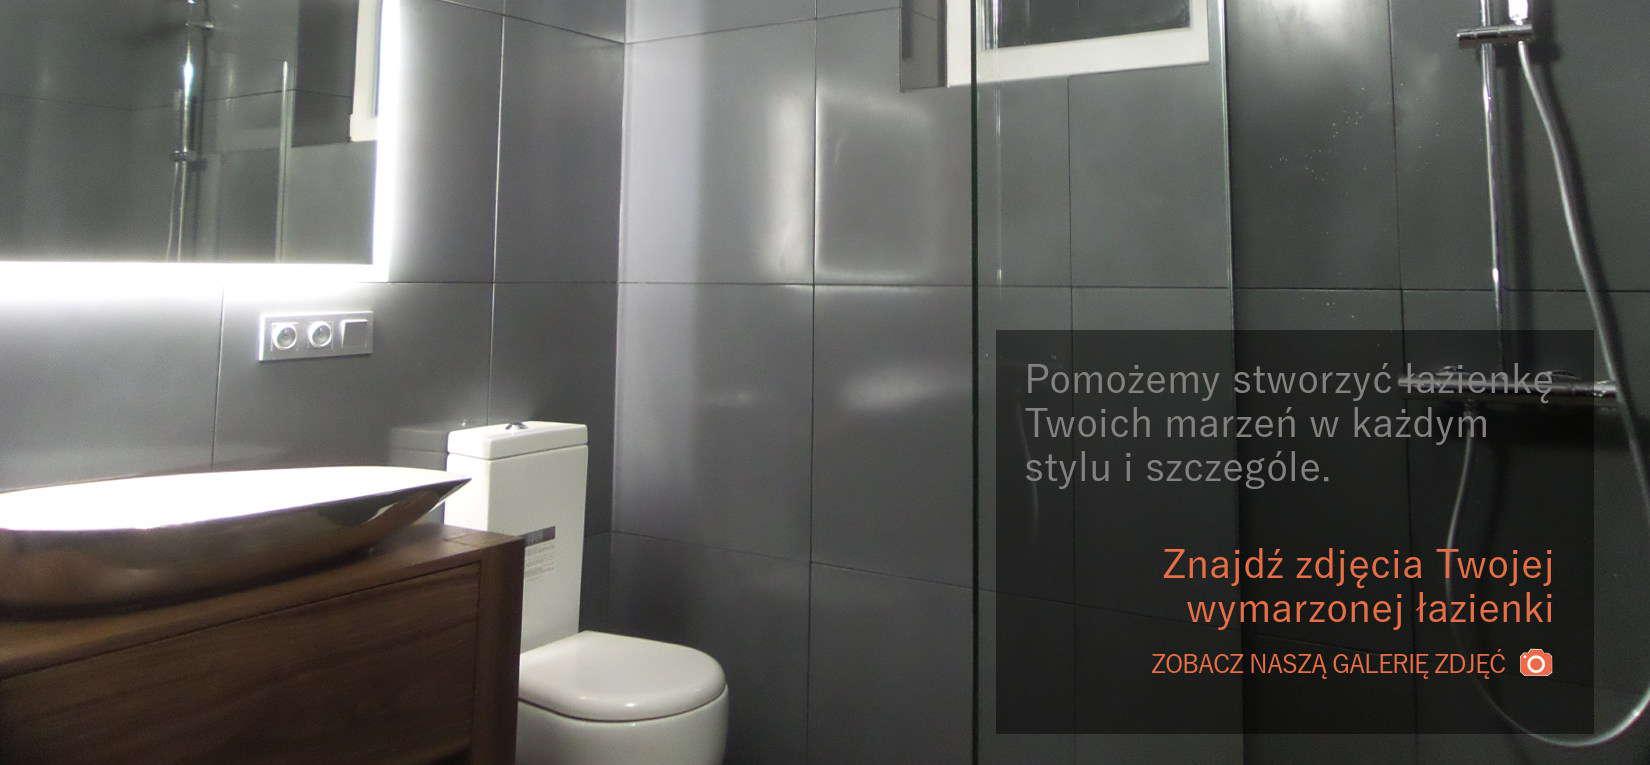 Projekt I Remont łazienki W Warszawie łazienka W 10 Dni